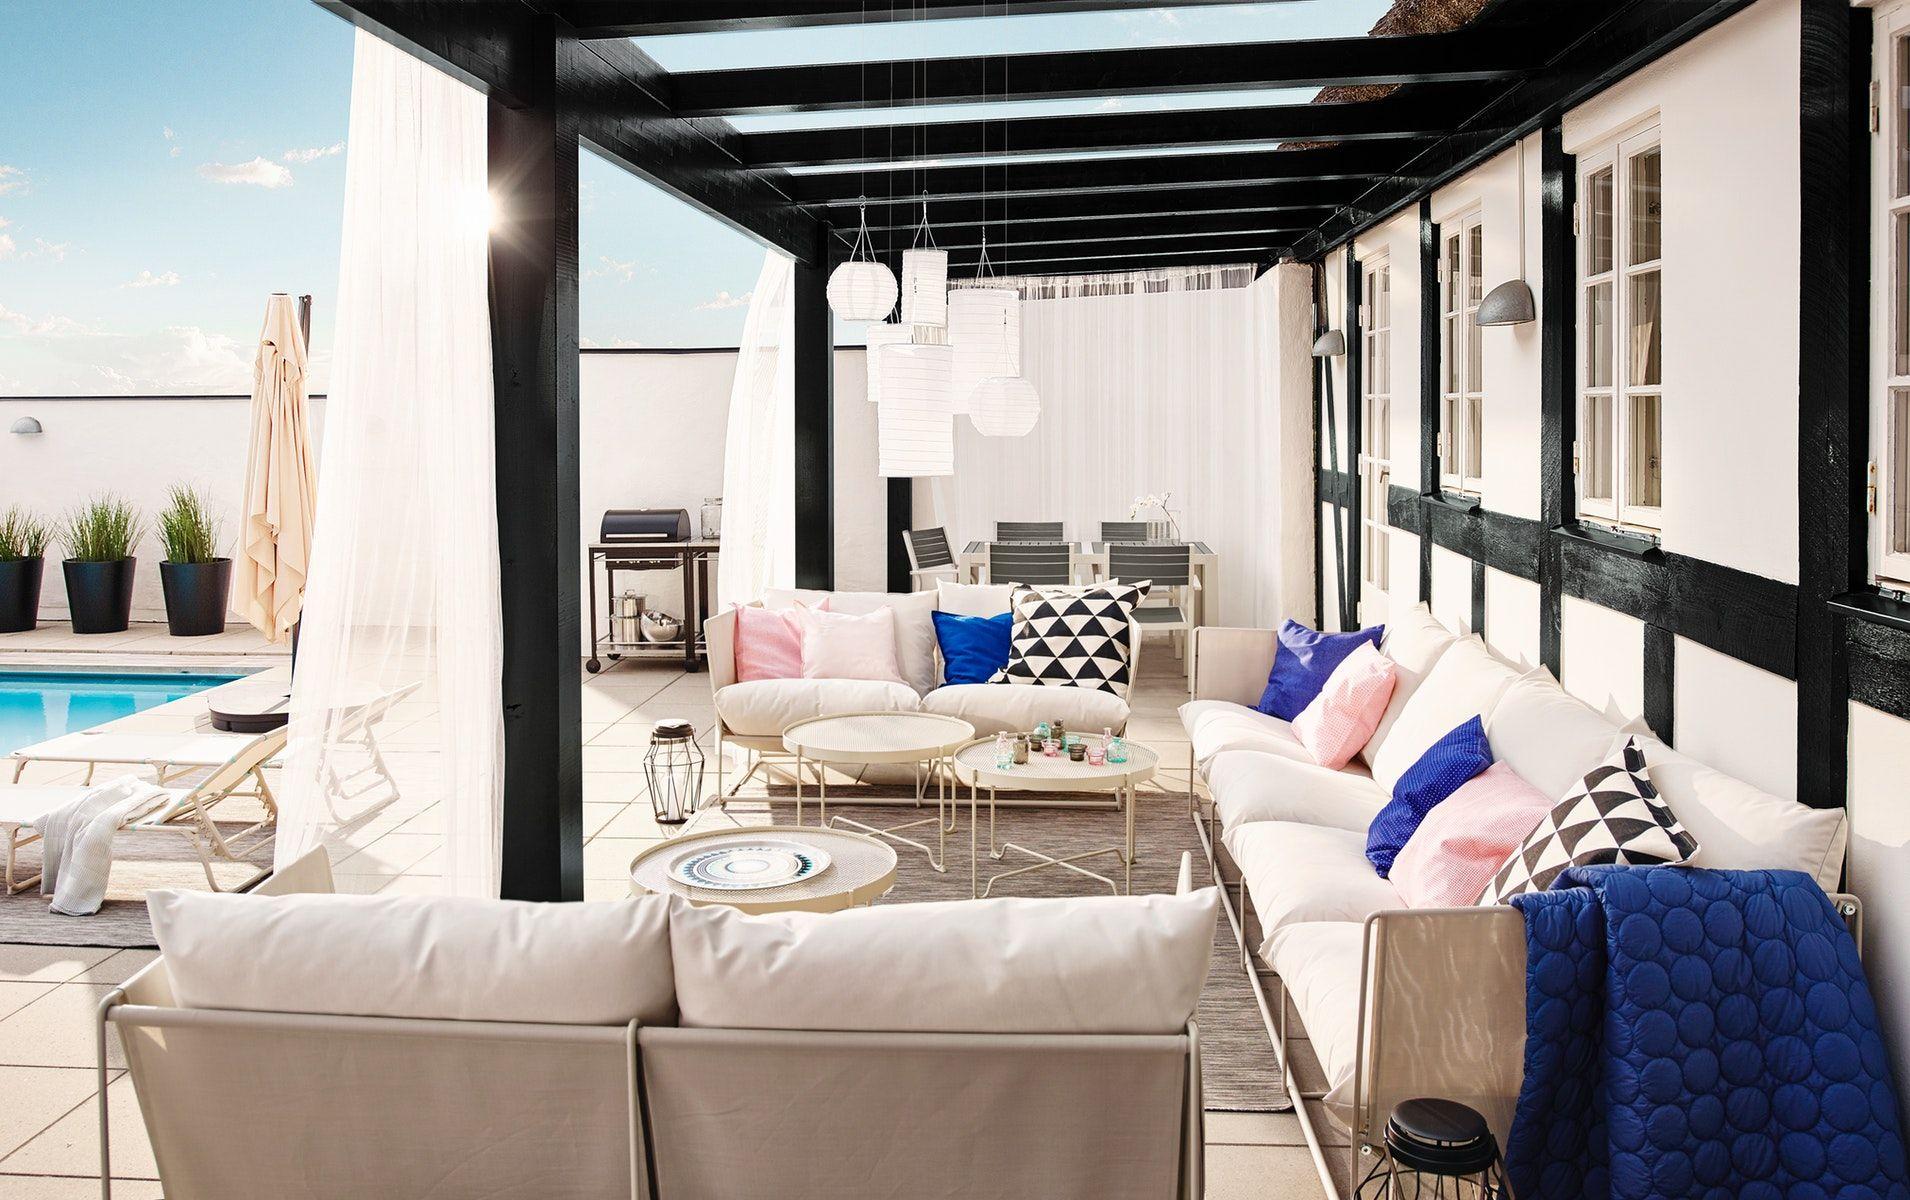 Havsten 2 Seat Sofa In Outdoor Beige Ikea Switzerland Living Room Table Outdoor Living Sit Back And Relax